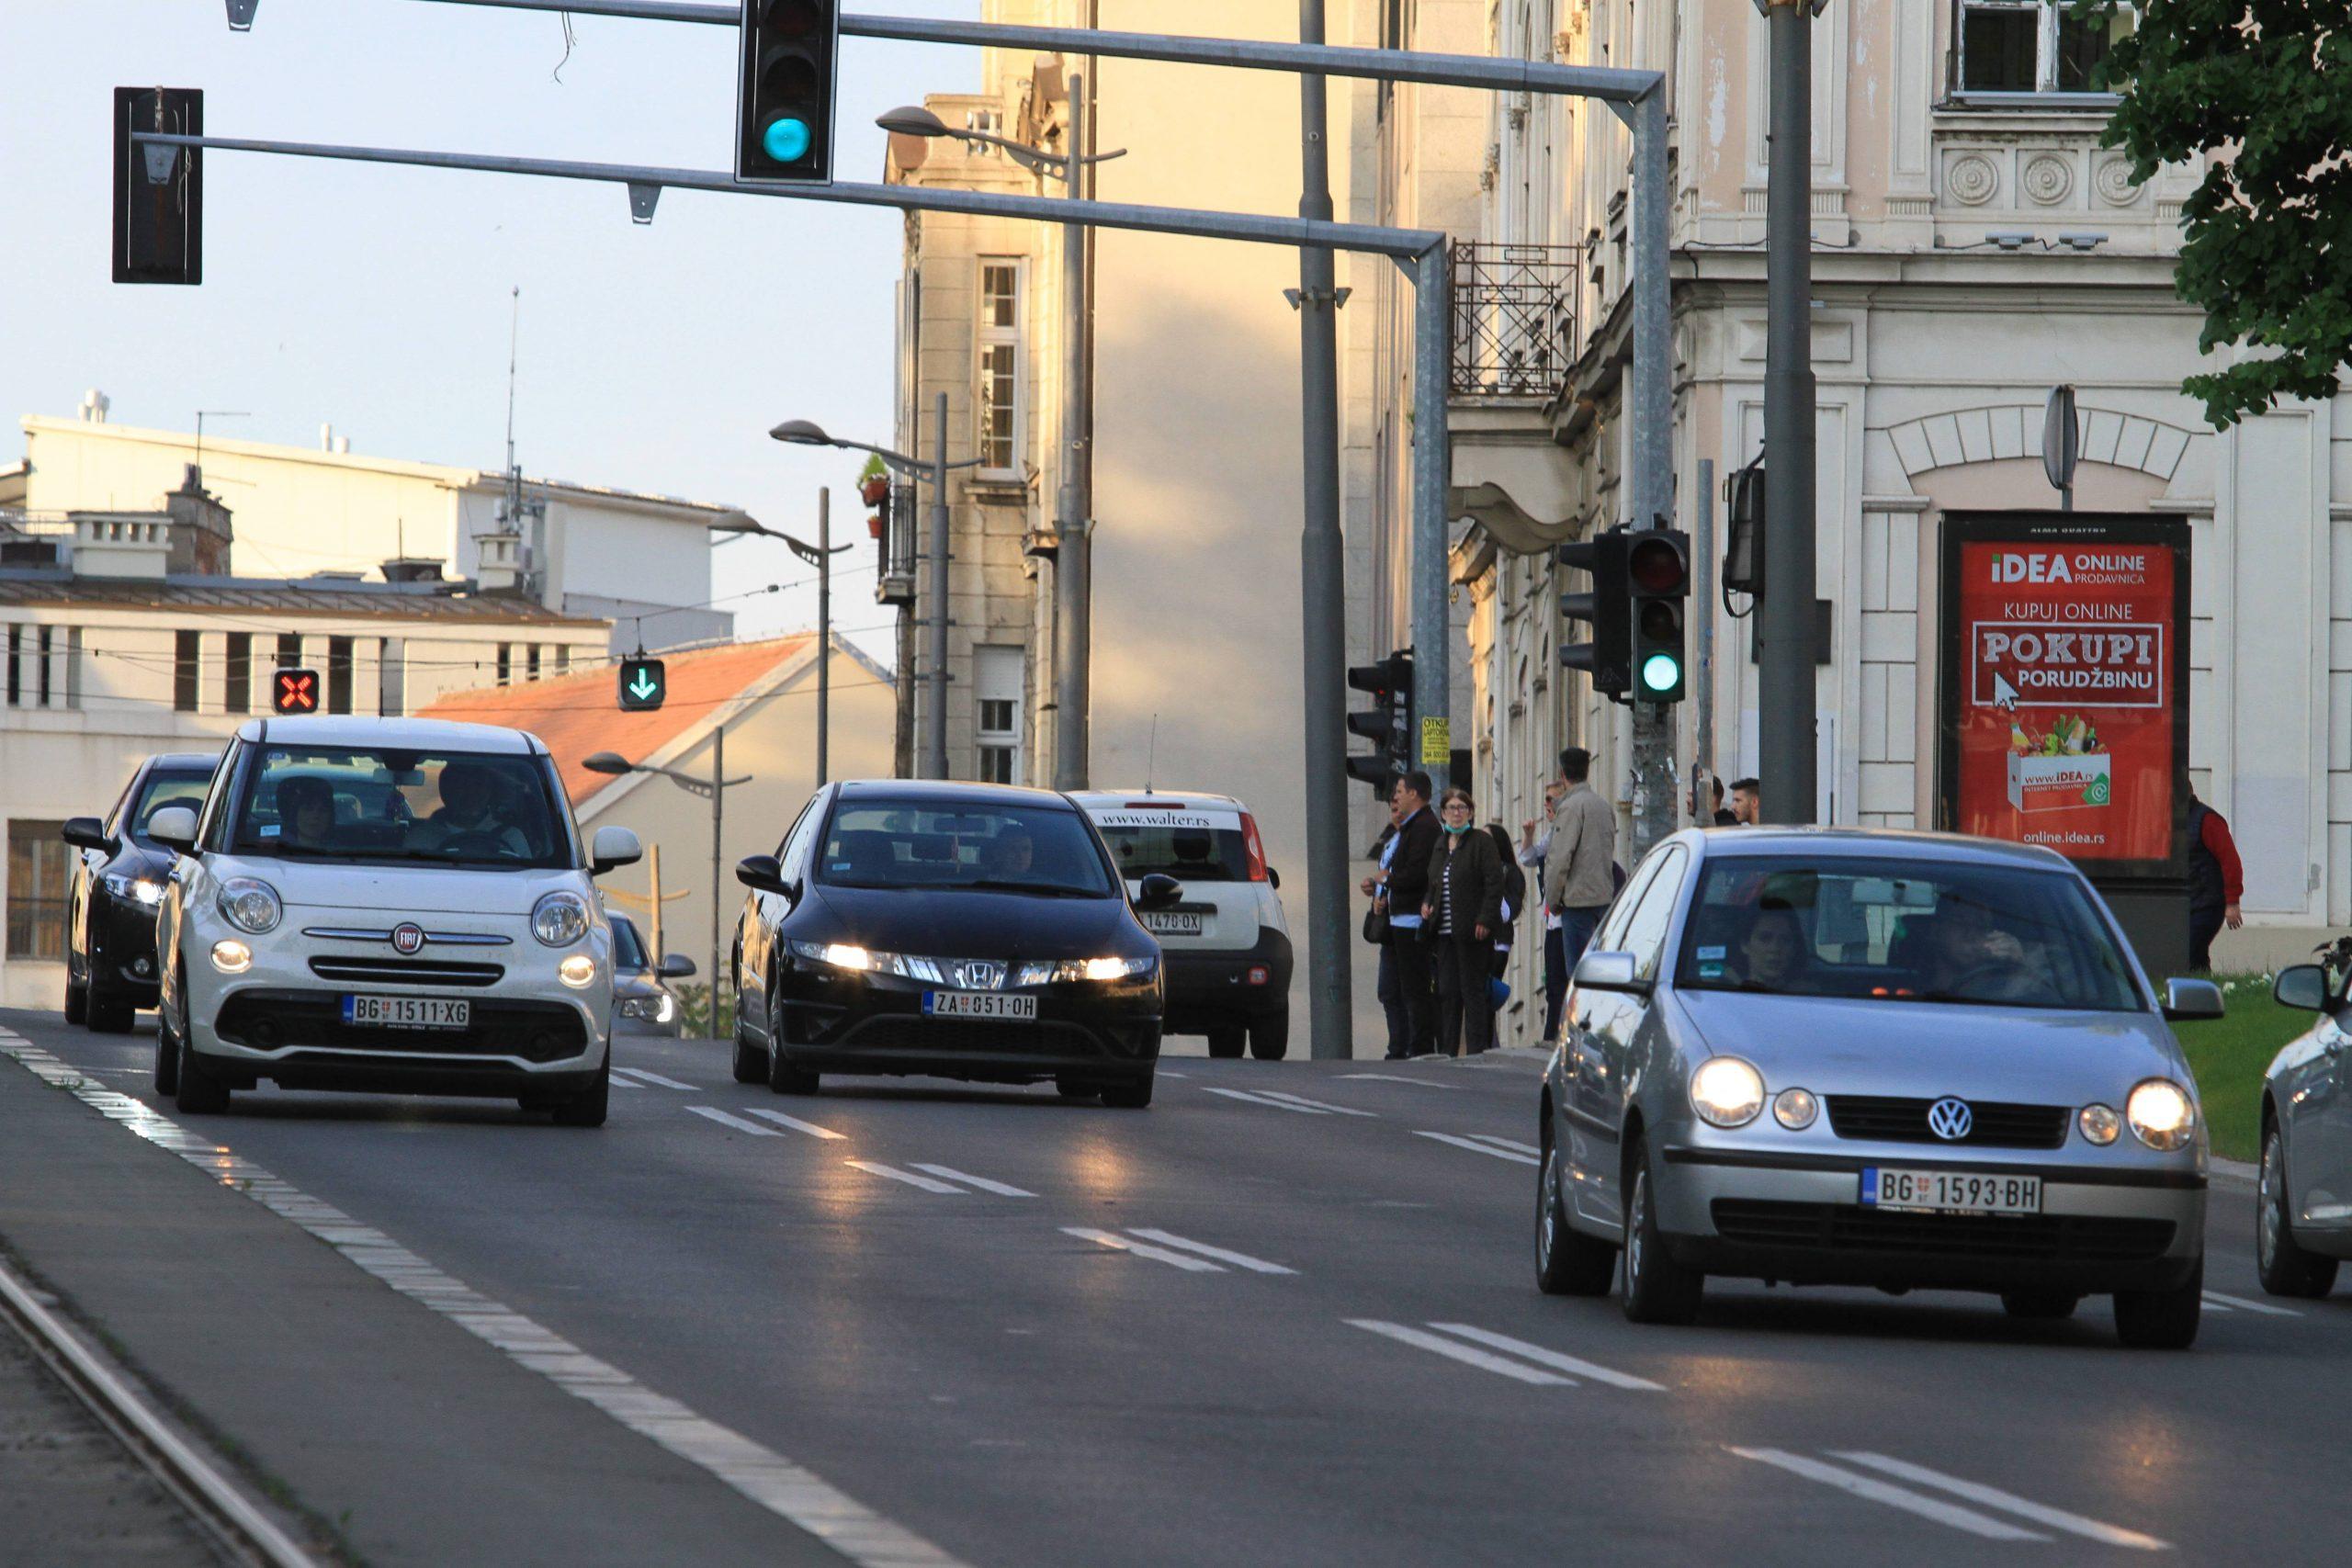 Registracija vozila ipak i posle 5. jula pod nepromenjenim uslovima 18